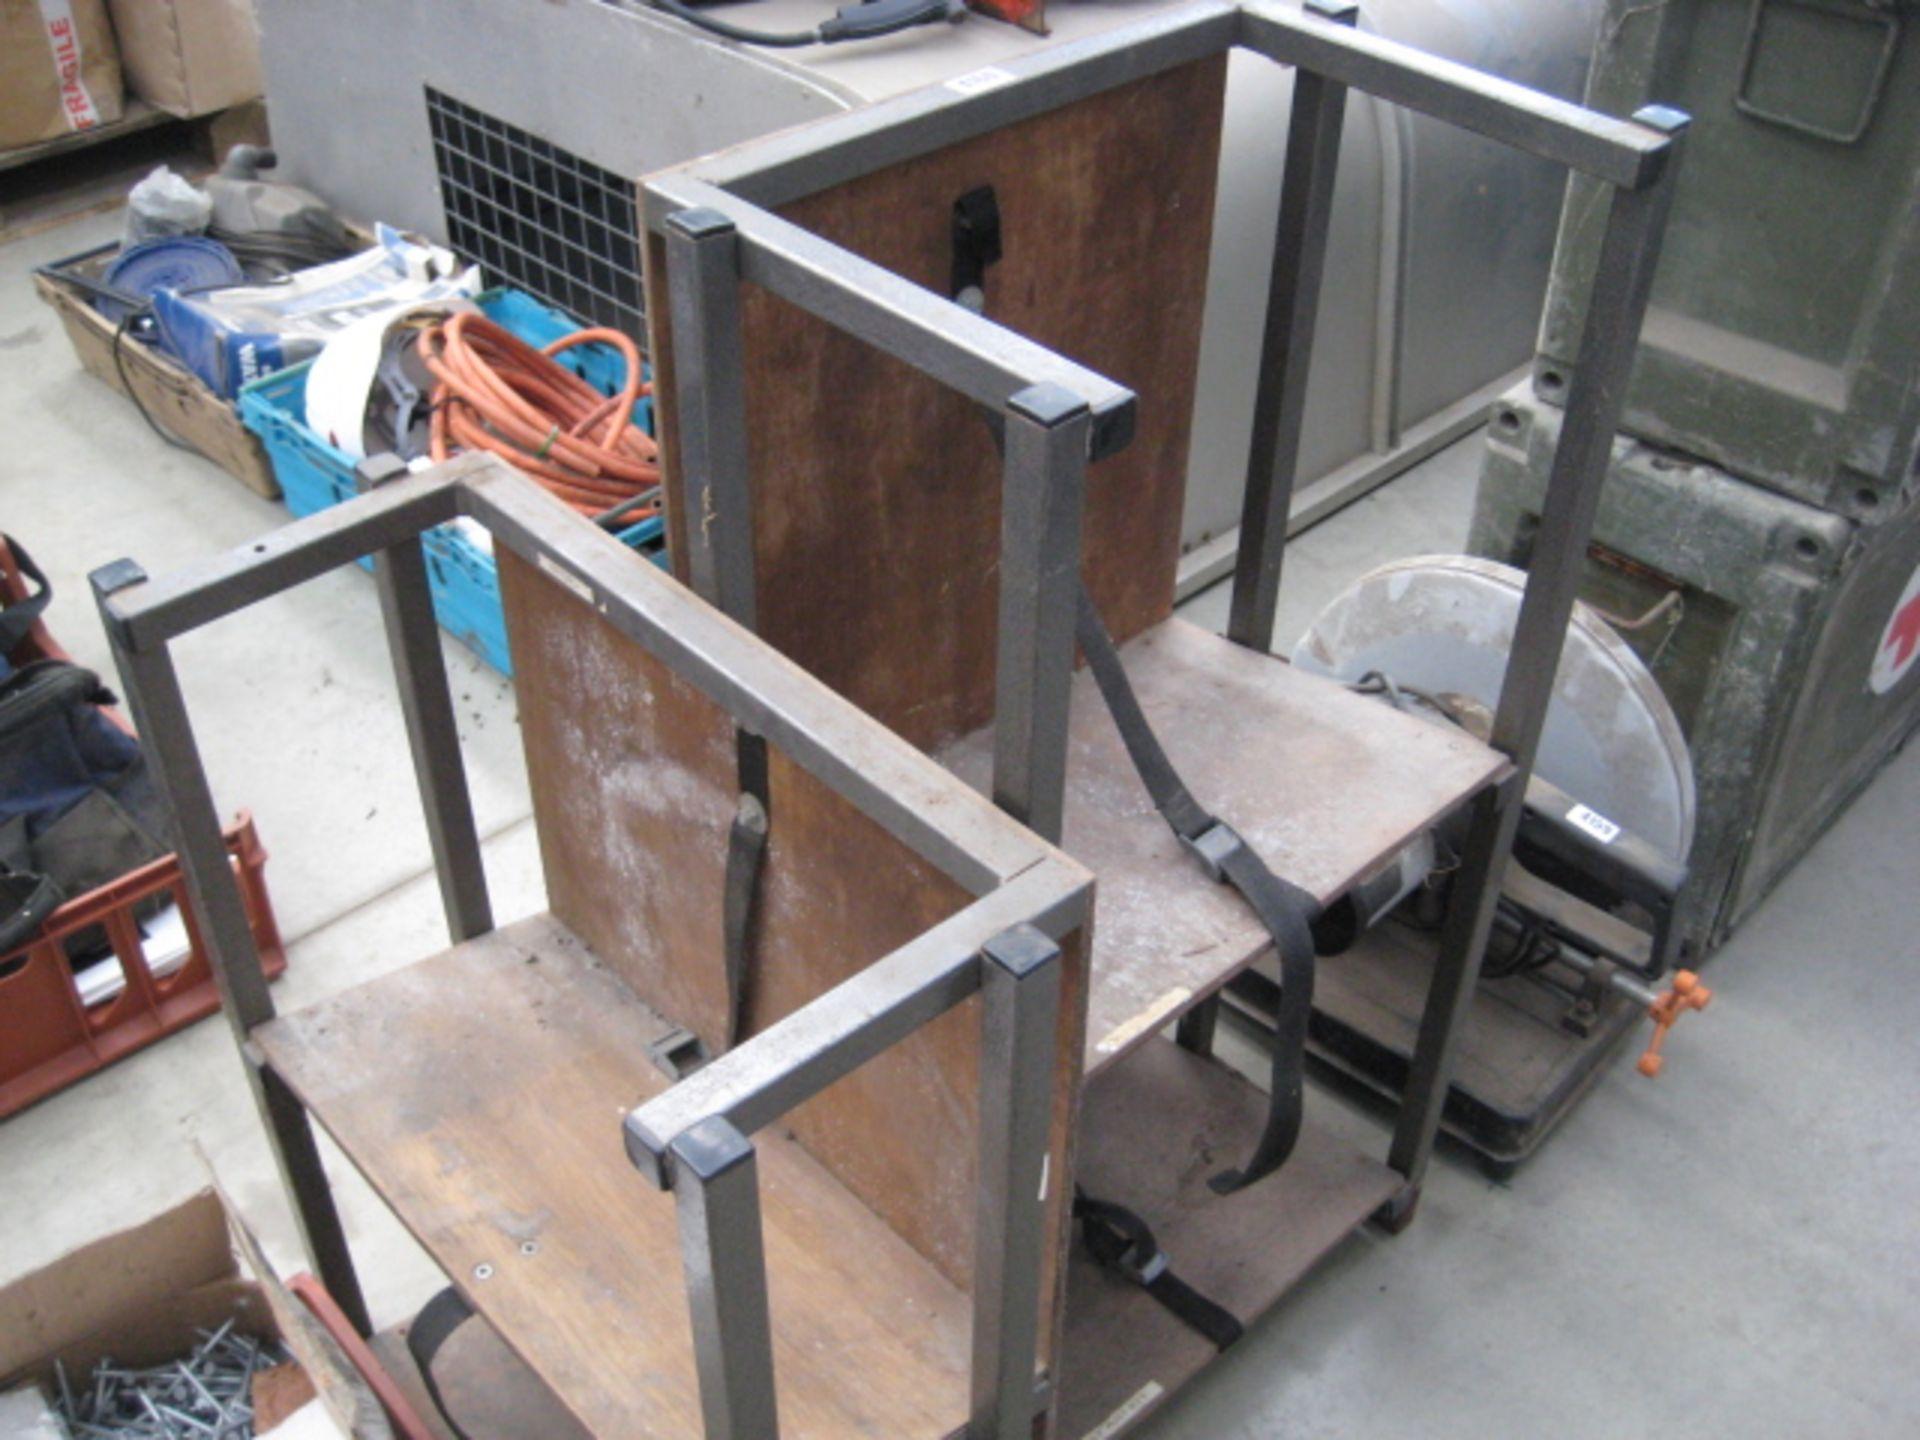 Lot 4160 - 2 vehicle mount shelf racks